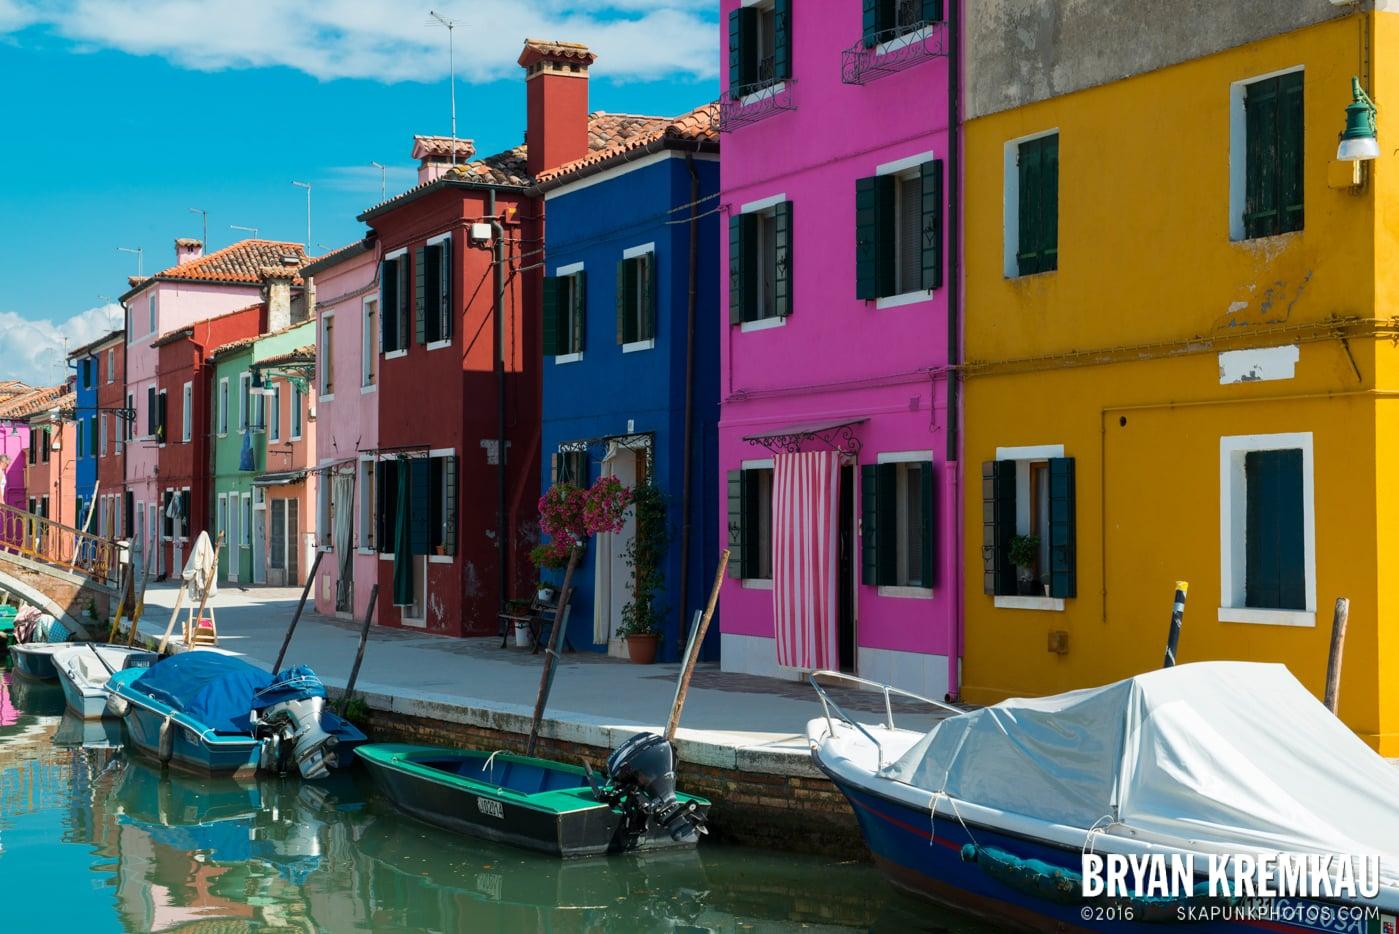 Italy Vacation - Day 6: Murano, Burano, Venice - 9.14.13 (59)